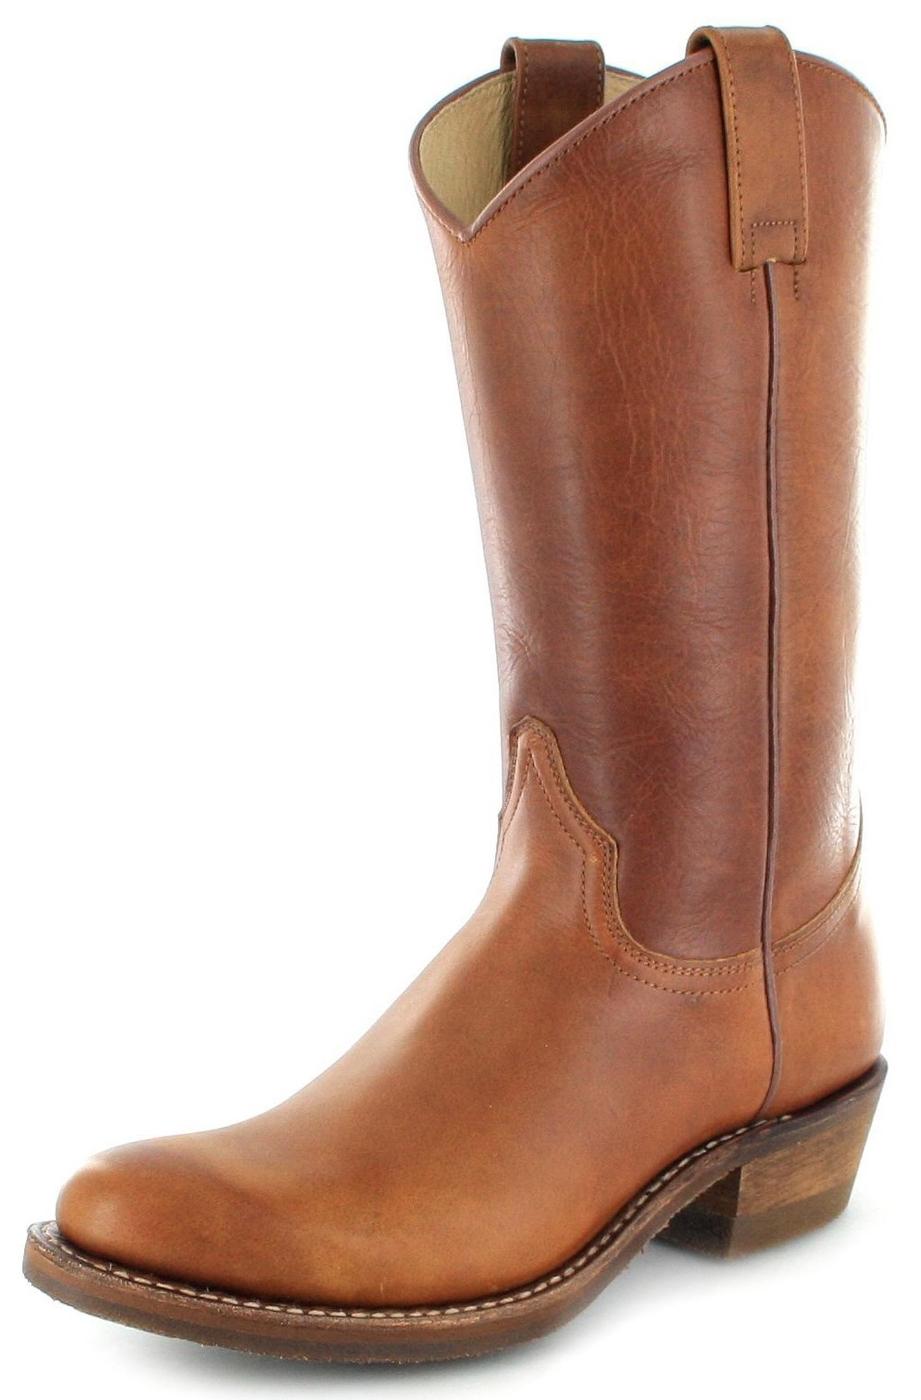 Sendra Boots 5588 Tang Herren Westernstiefel - braun